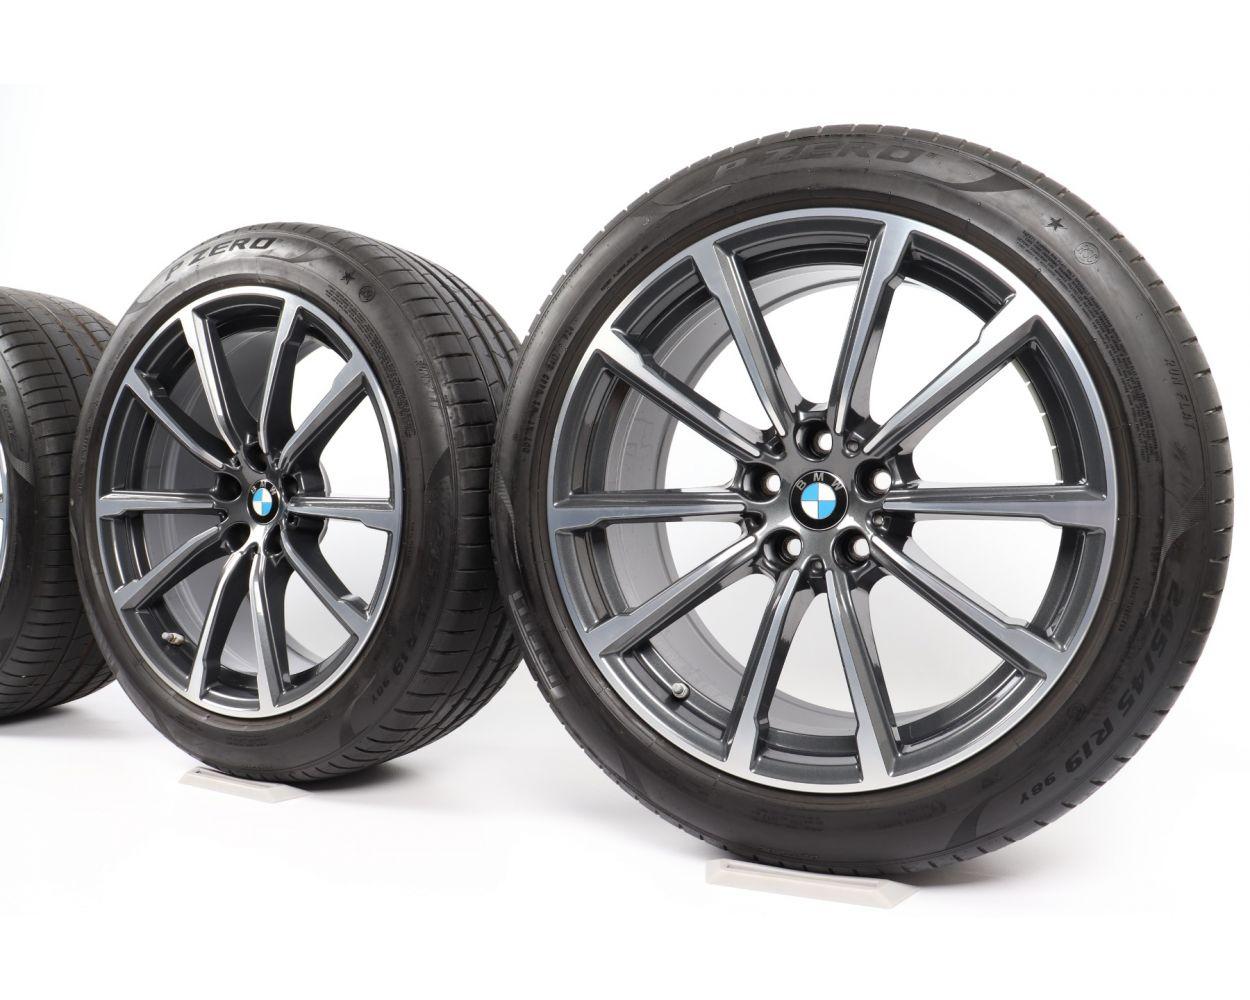 Bmw Summer Wheels 8er G14 G15 G16 20 Zoll 733 Doppelspeiche Rdc Bicolor